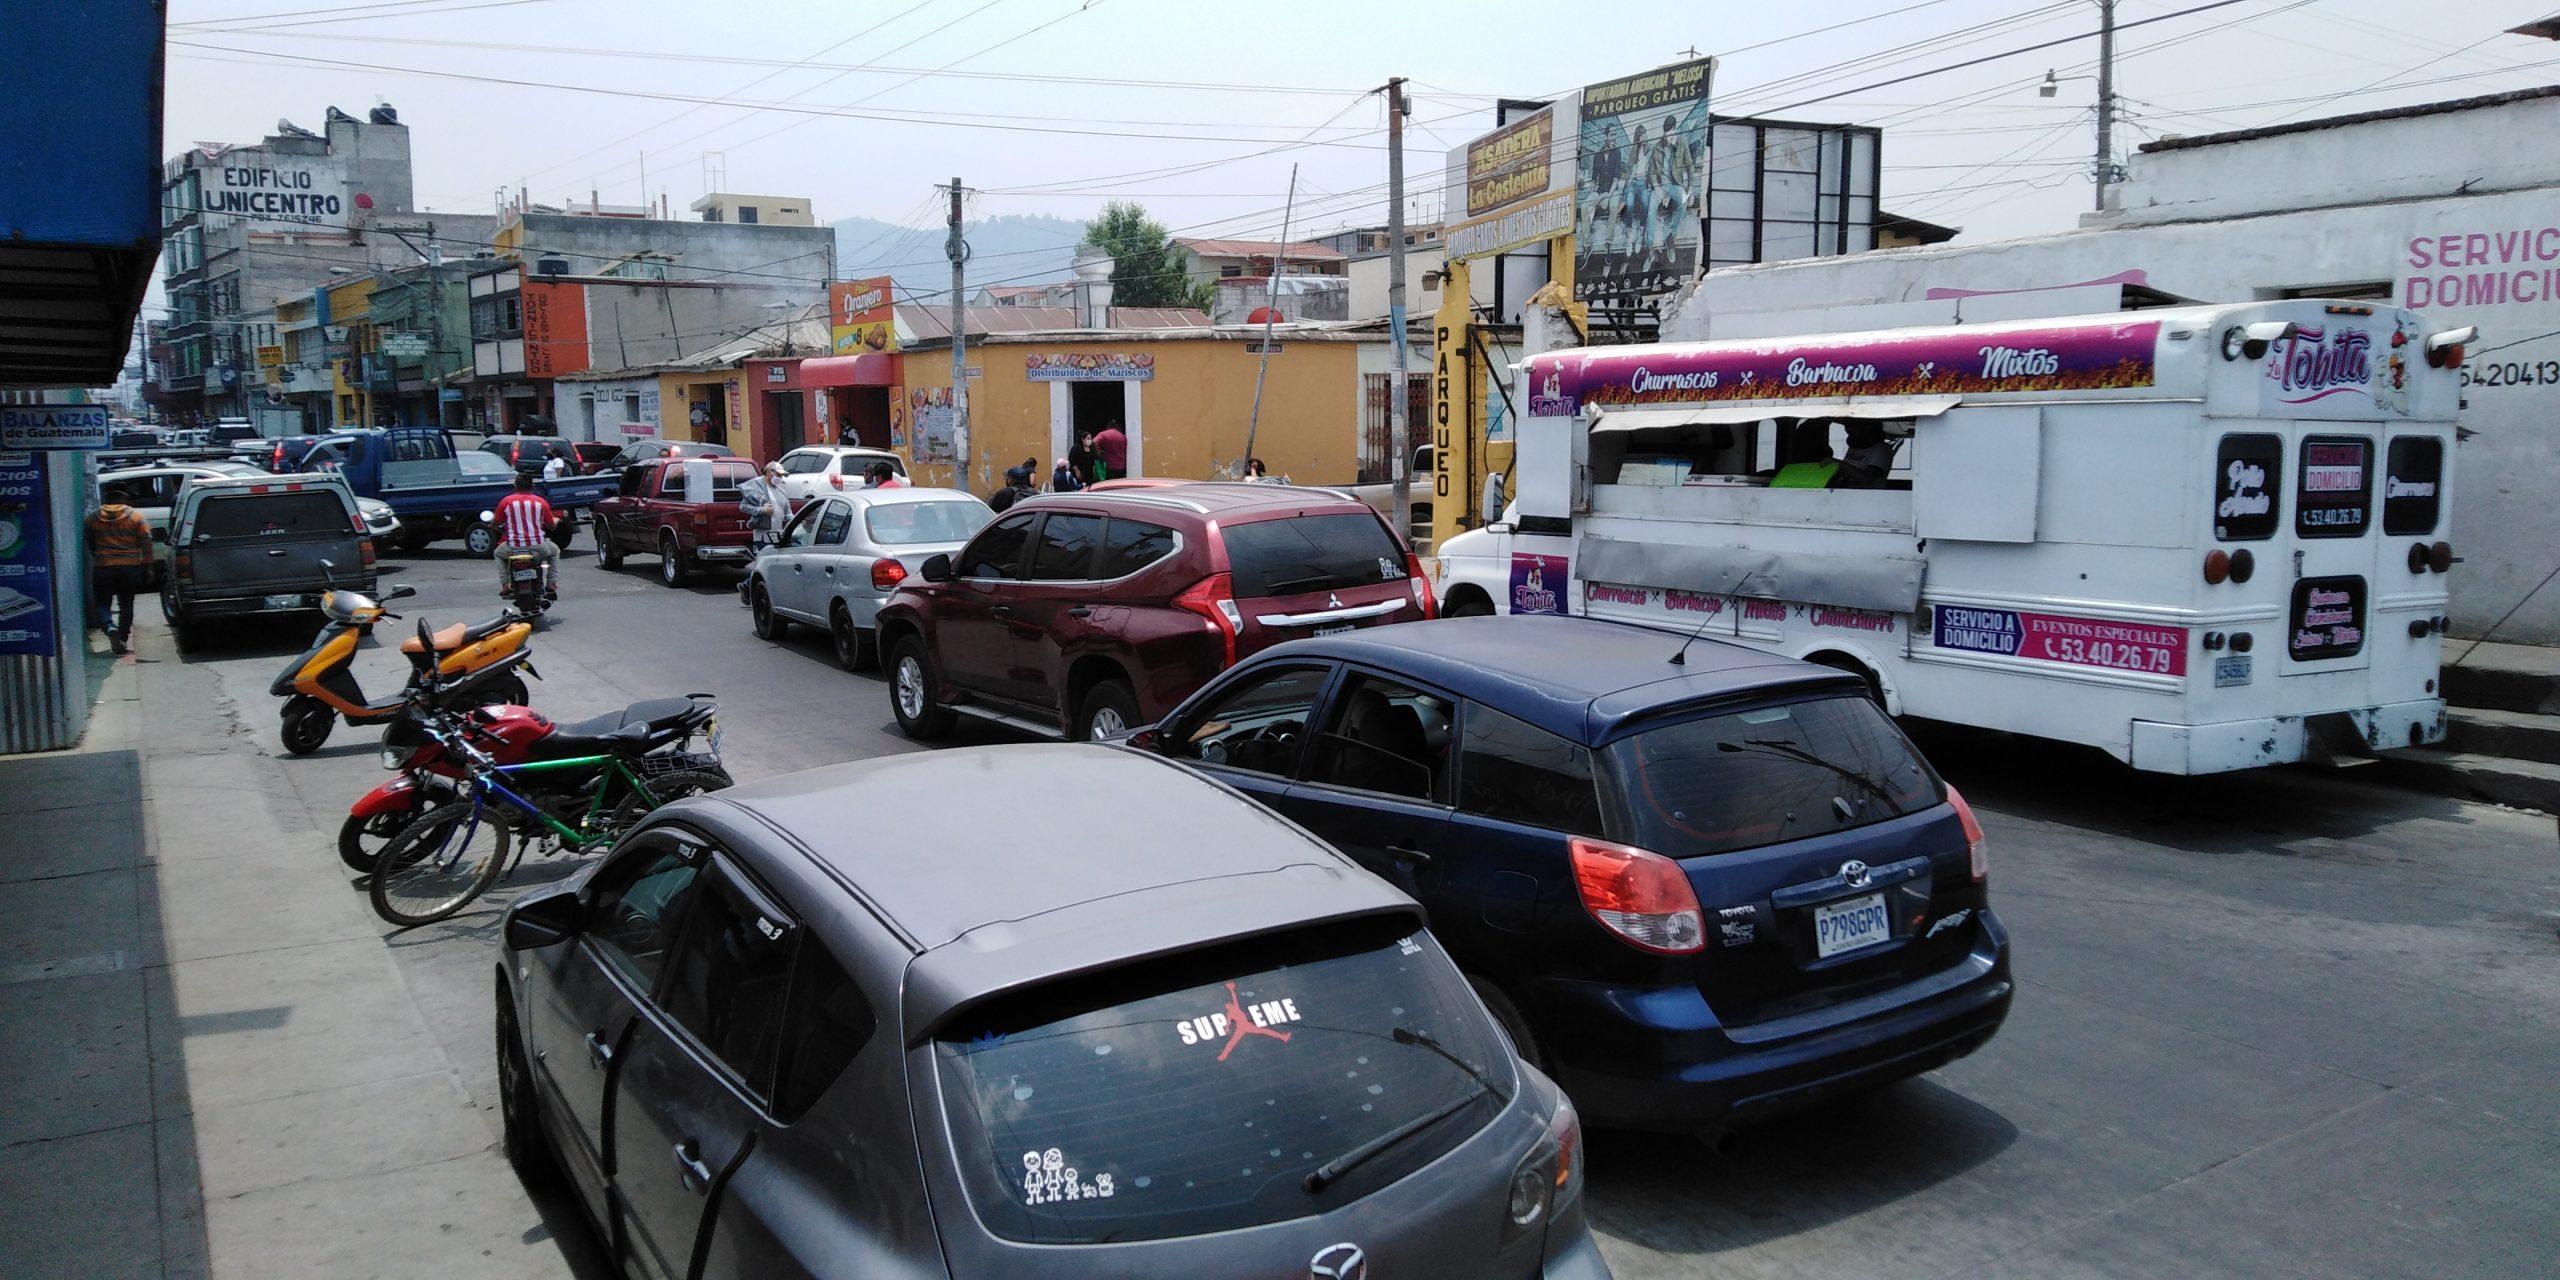 La región 2 que conforman los deparamtentos del occidente del país suman 89 casos de COVID-19, situación que preocupa a Sociedad Civil. (Foto: Carlos Ventura)